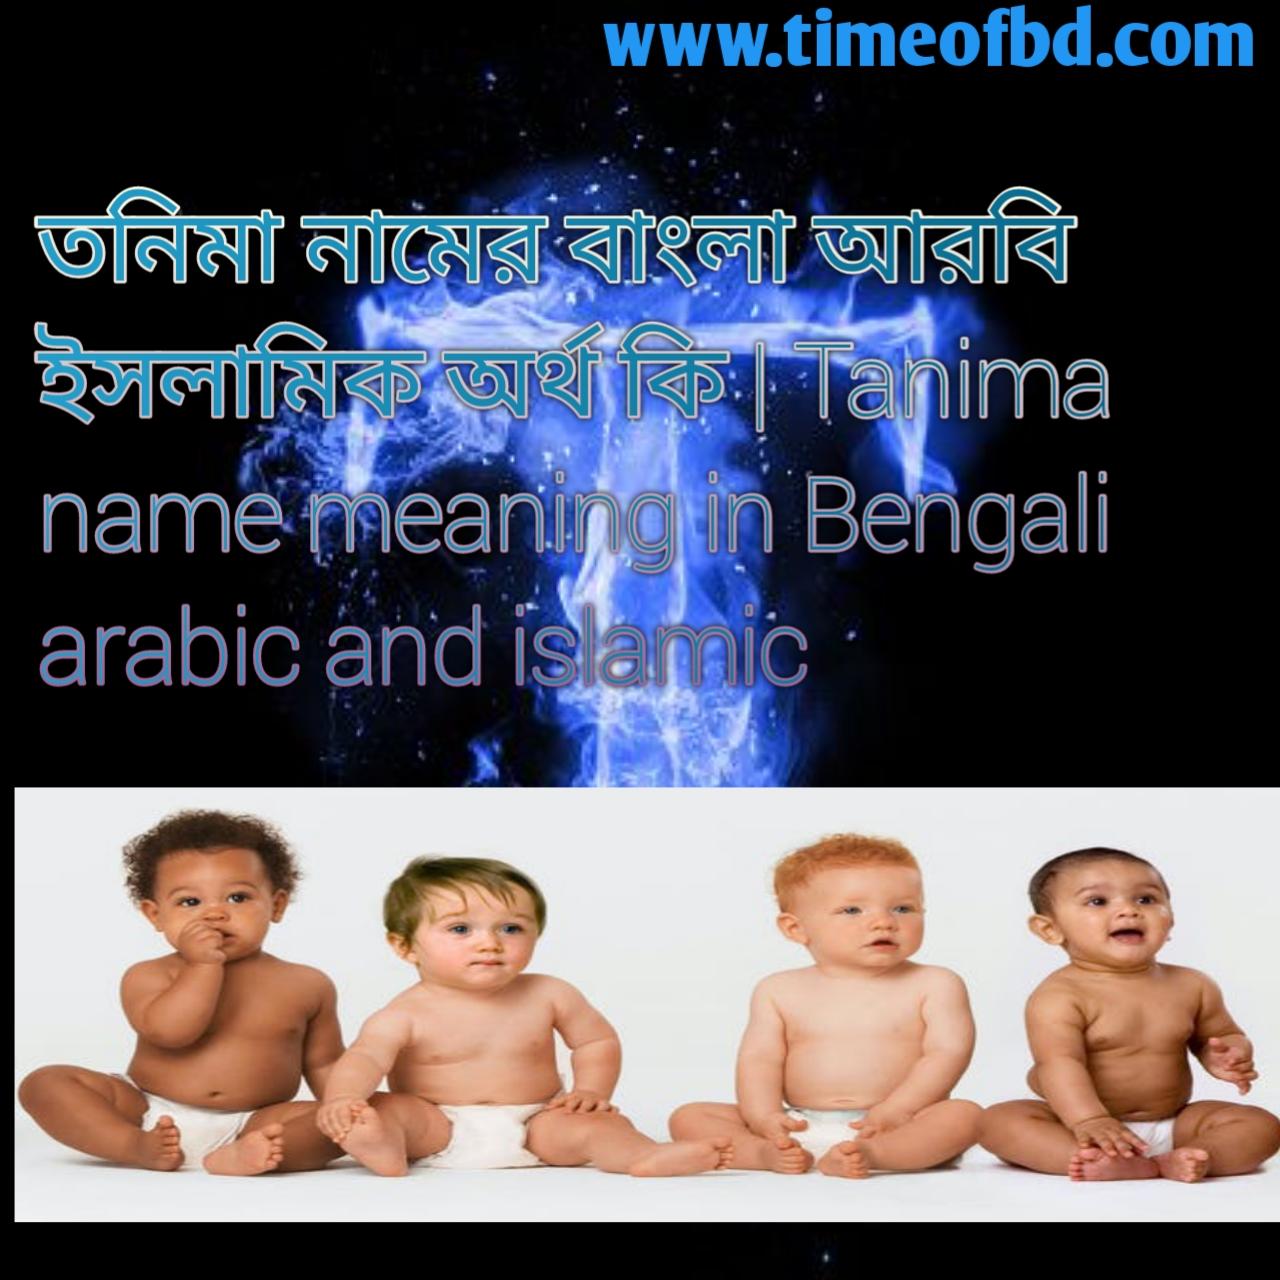 তনিমা নামের অর্থ কি, তনিমা নামের বাংলা অর্থ কি, তনিমা নামের ইসলামিক অর্থ কি, Tanima name meaning in Bengali, তনিমা কি ইসলামিক নাম,